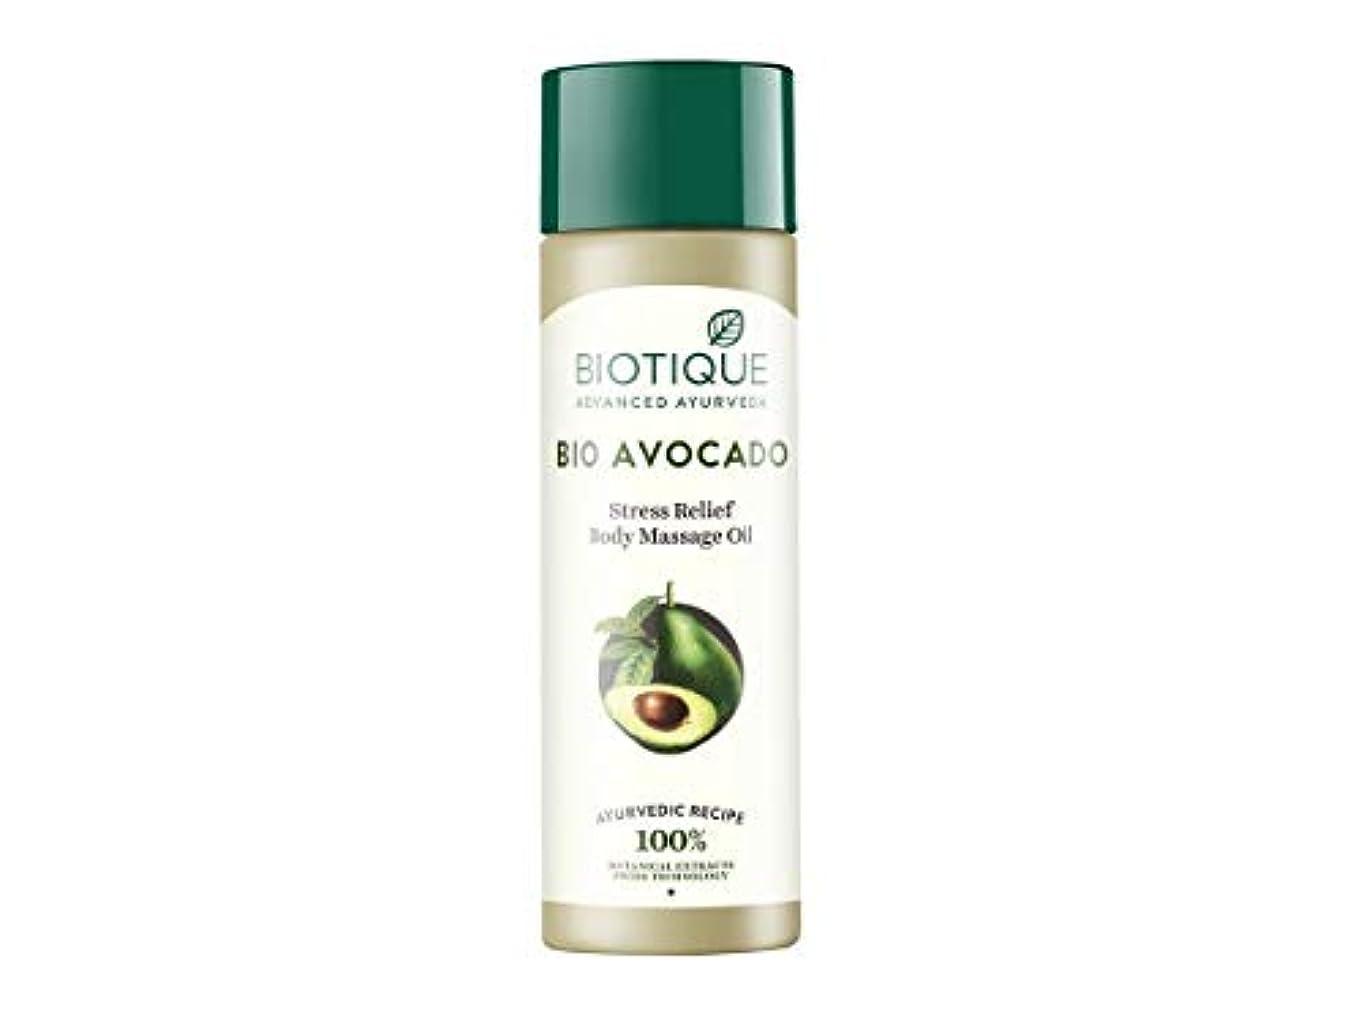 経済的オール誤解するBiotique Bio Cado Avocado Stress Relief Body Massage Oil, 200ml Relaxing oil Biotique Bio Cadoアボカドストレスリリーフボディマッサージオイル...